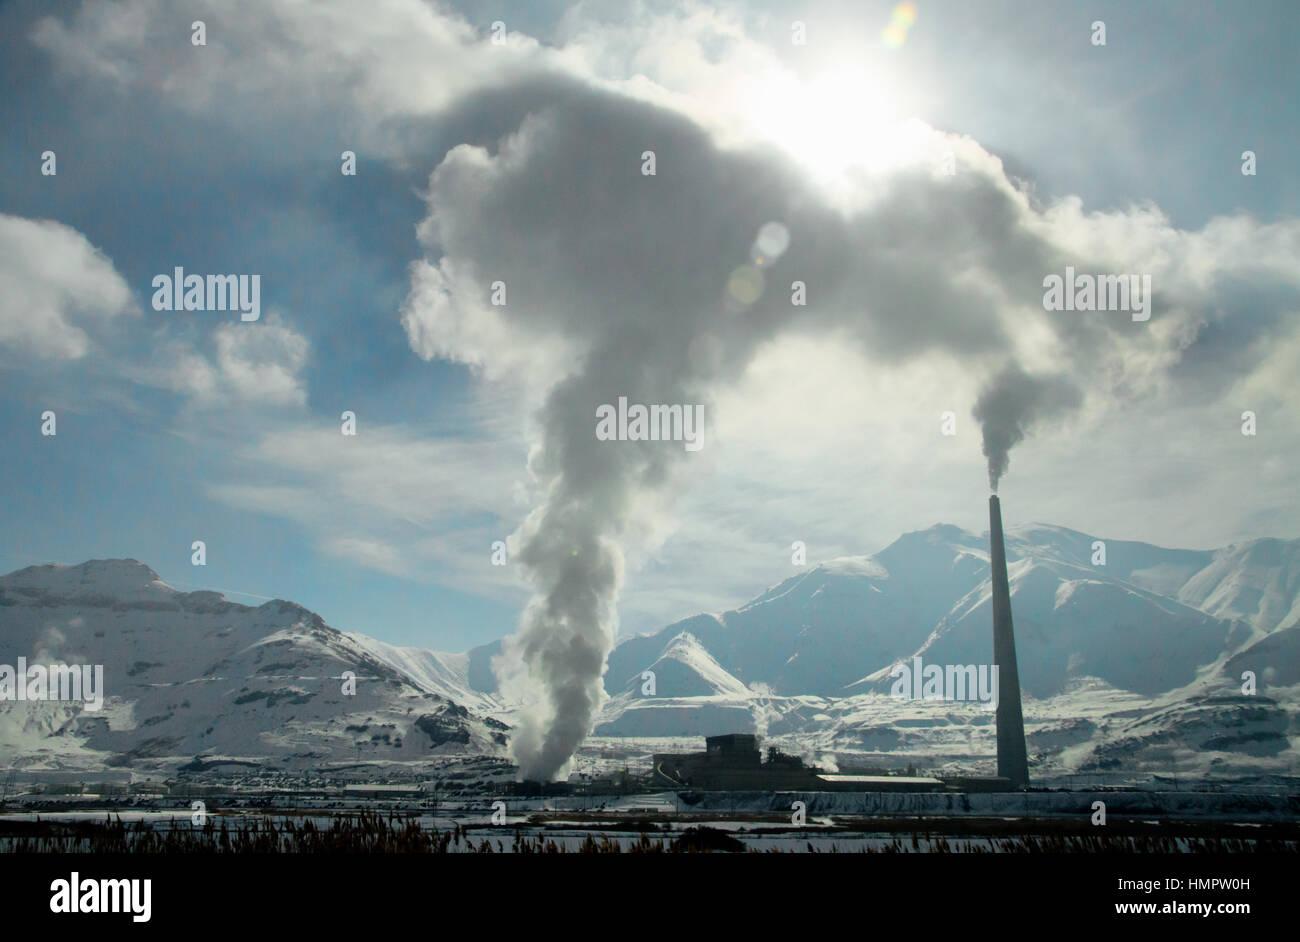 Smoke Emissions Stock Photos & Smoke Emissions Stock Images - Alamy